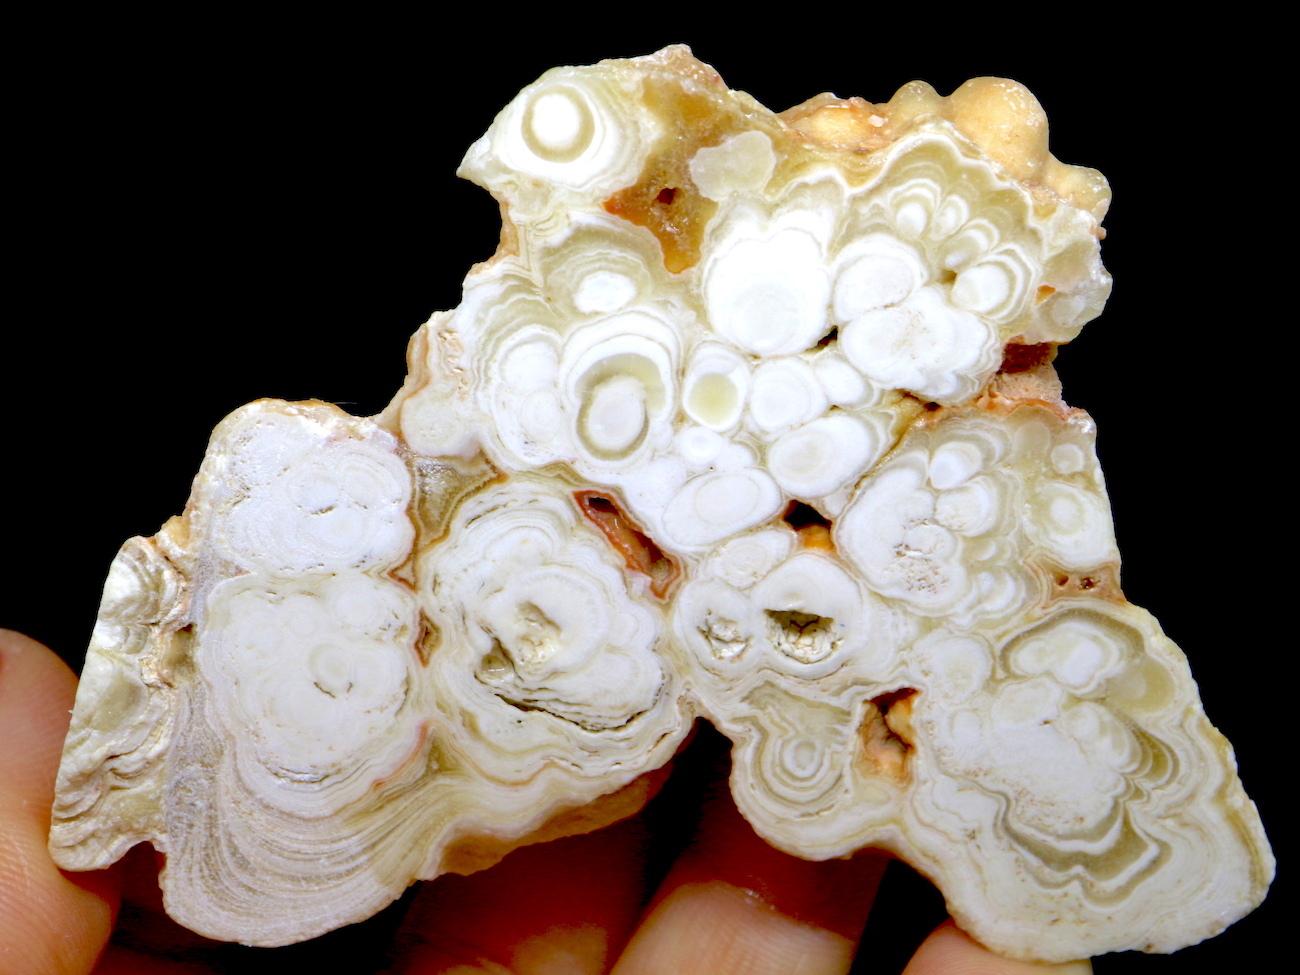 レア!ケーヴオニキス カリフォルニア産 69,5g CV011 鉱物 天然石 原石 パワーストーン